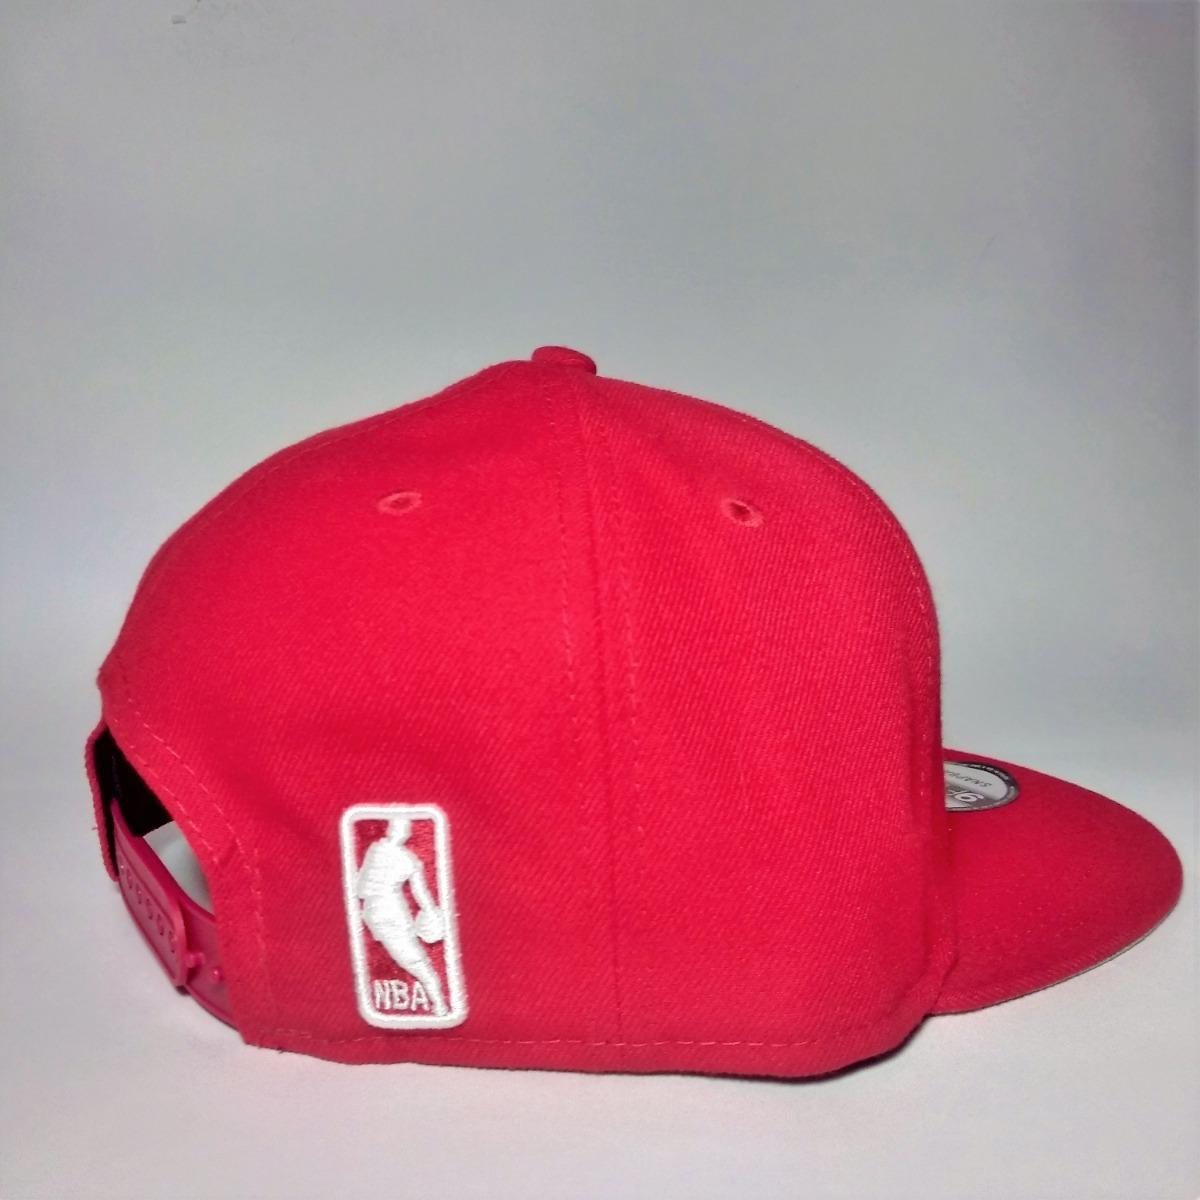 Gorras New Era Chicago Bulls Roja 9fifty Snapback -   94.900 en Mercado  Libre 824d8a0975f